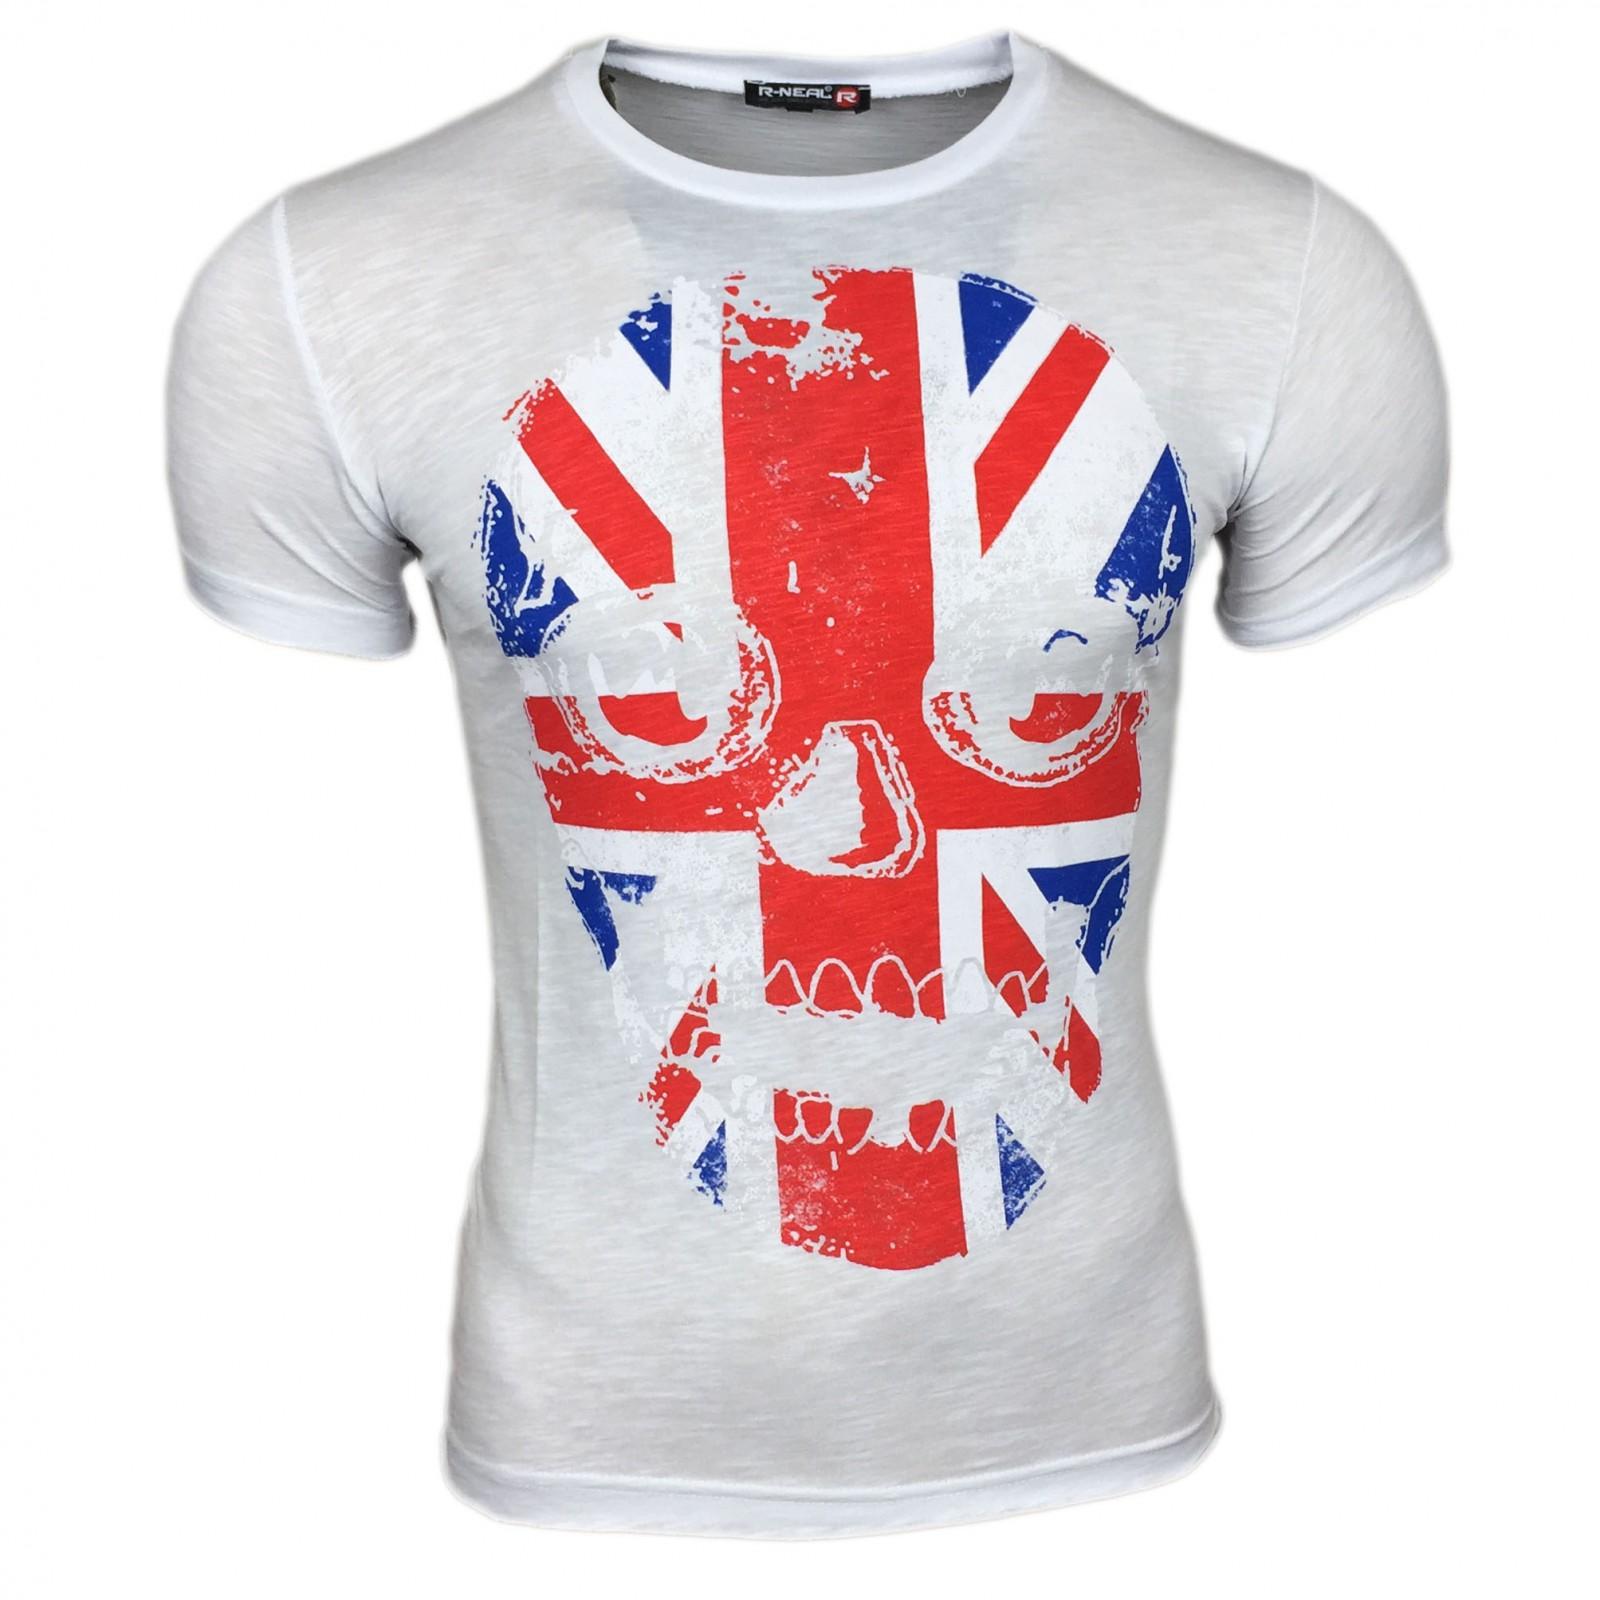 Totenkopf T-Shirt